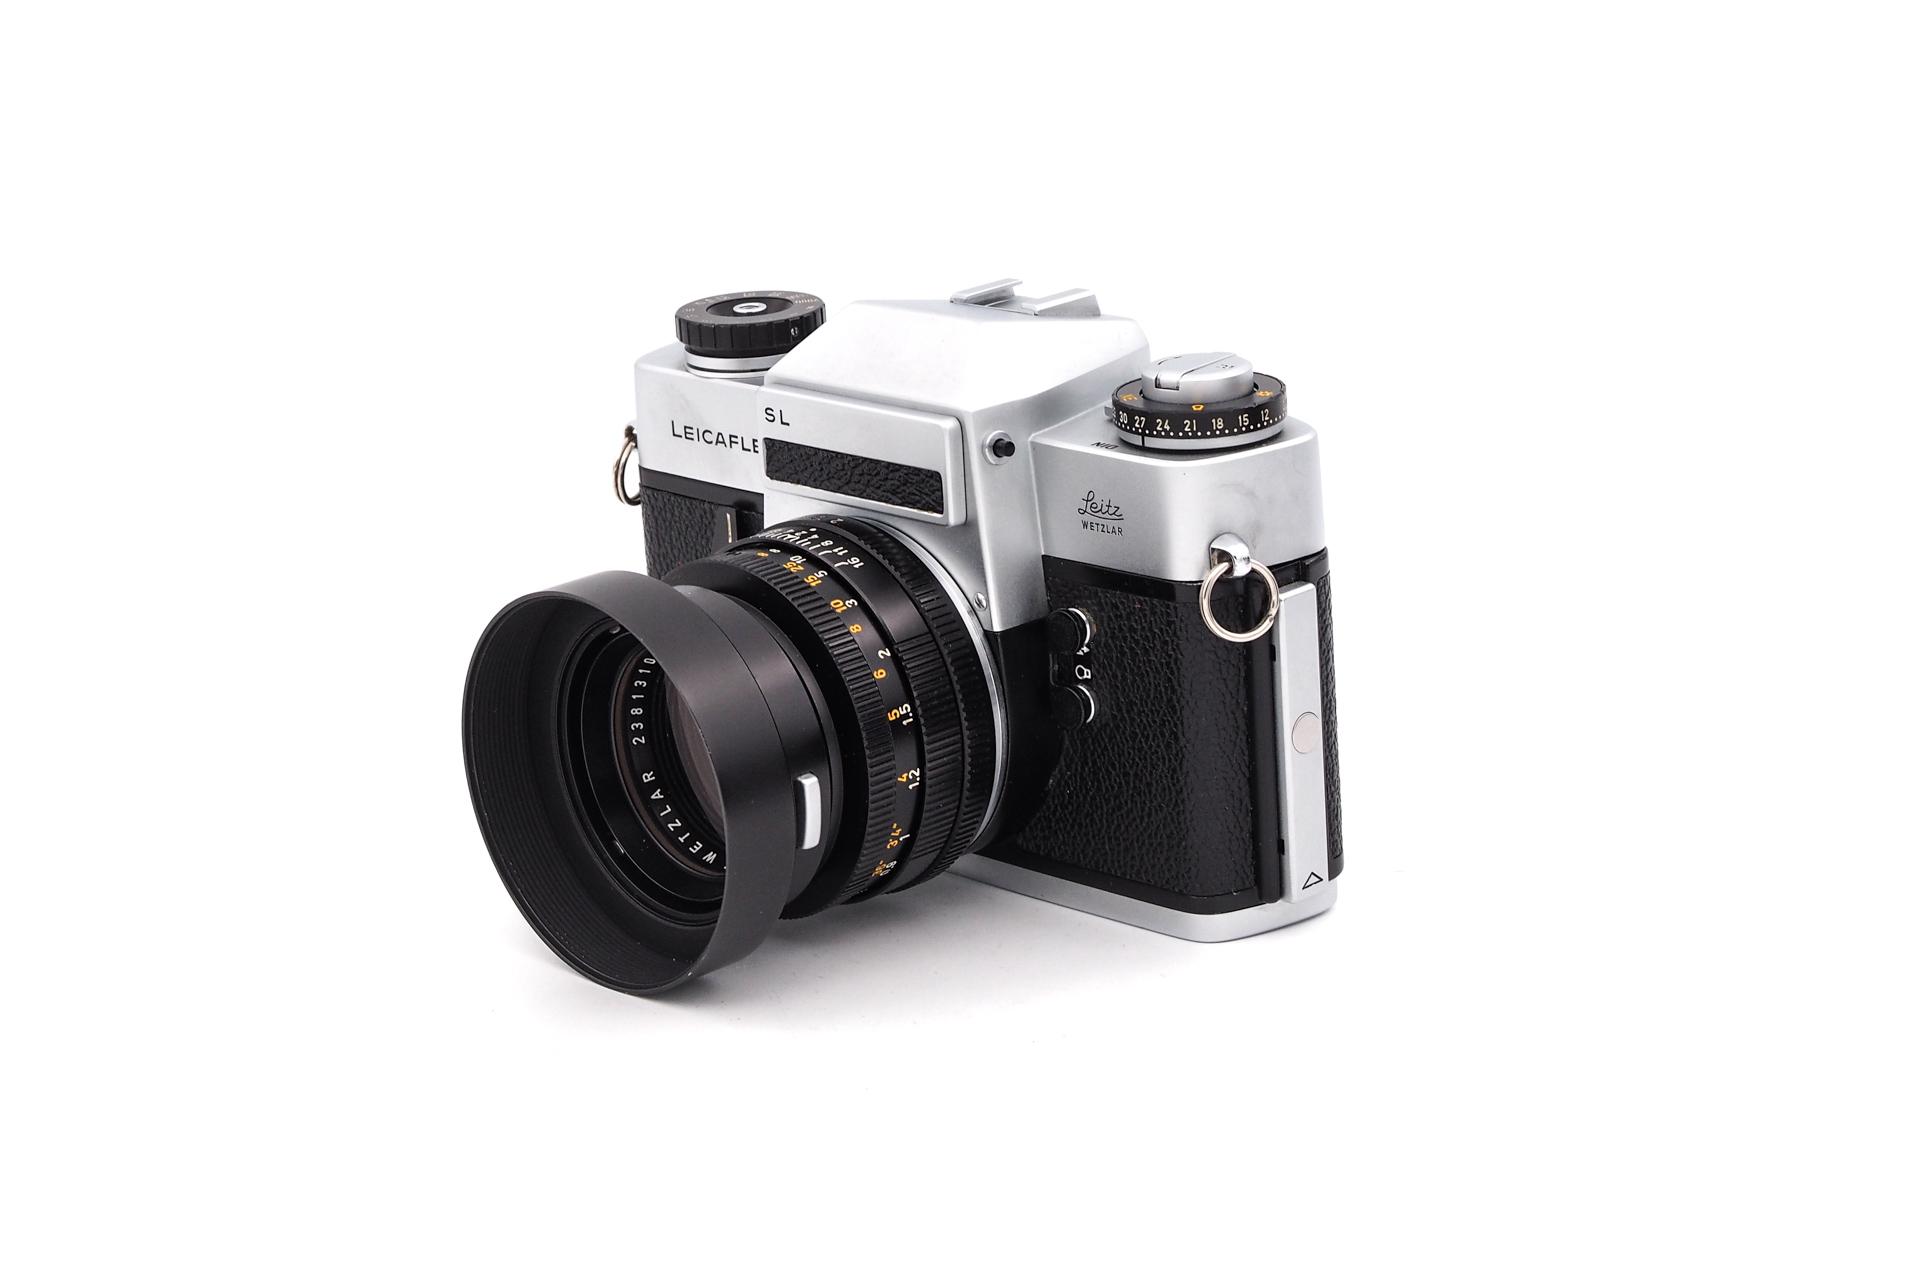 Leicaflex SL + 50mm F/2